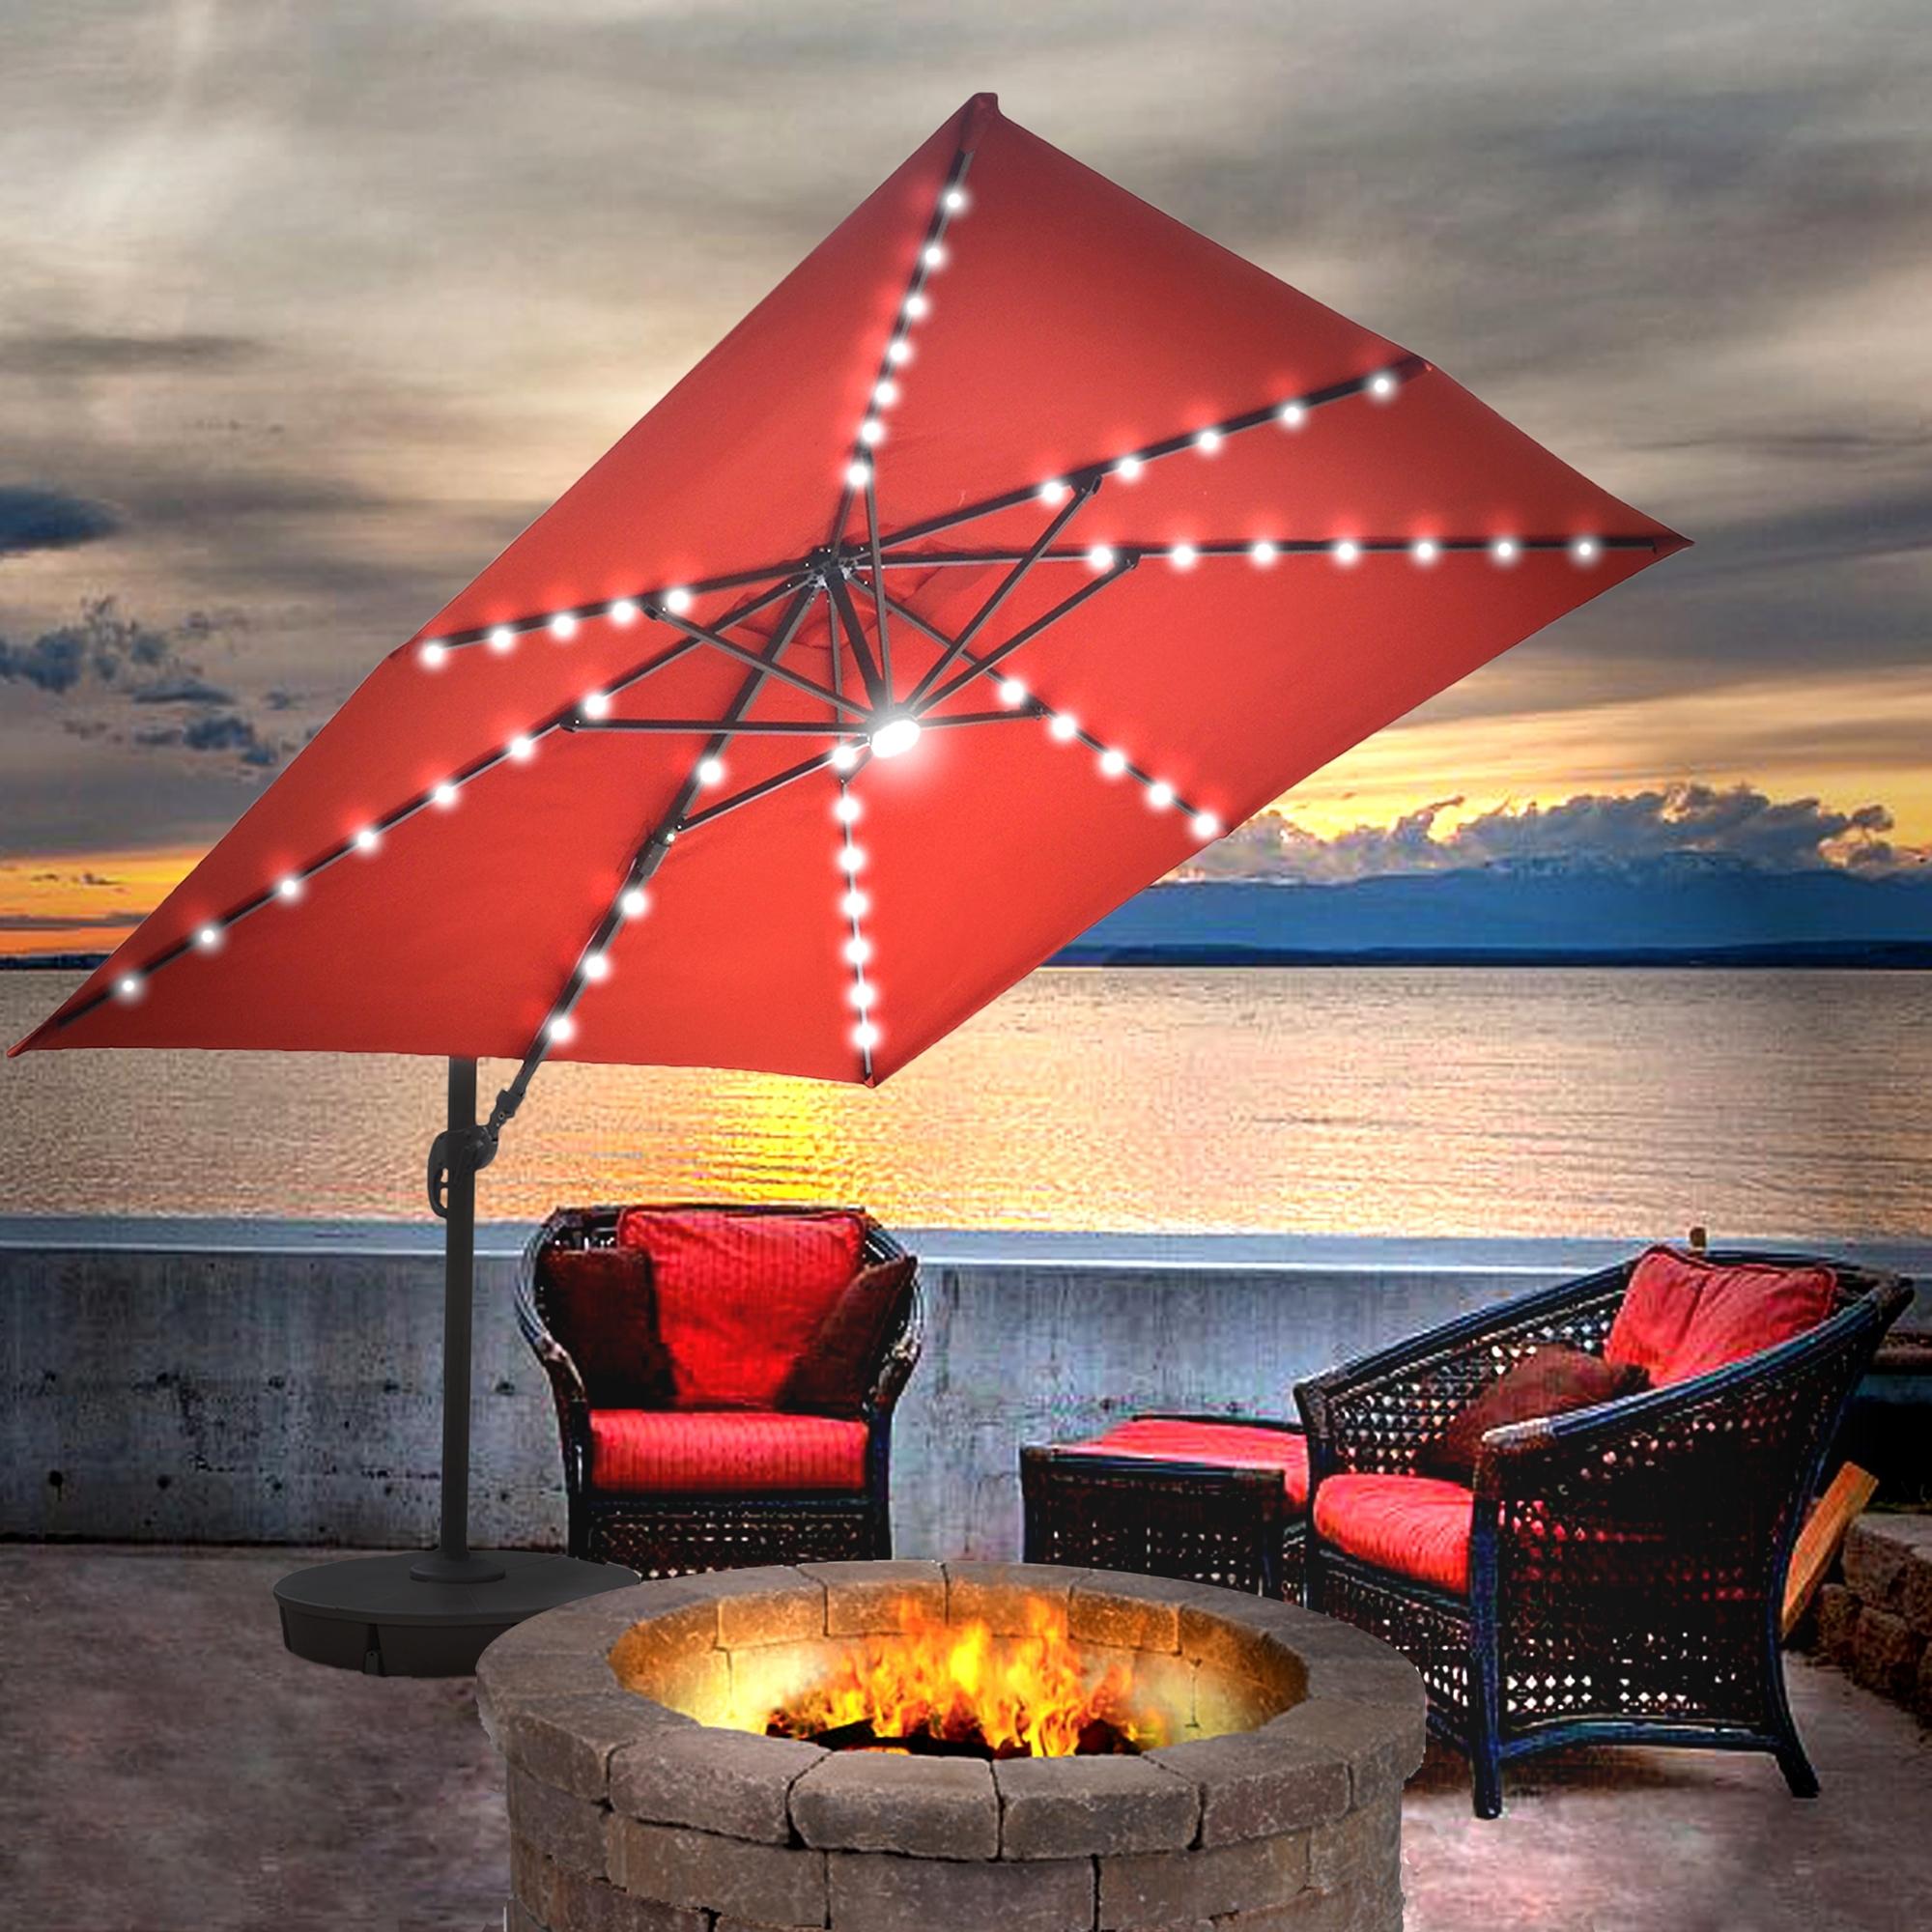 Island Umbrella Santorini Ii Fiesta 10 Ft Square Cantilever Solar Pertaining To Most Current Solar Patio Umbrellas (View 7 of 20)